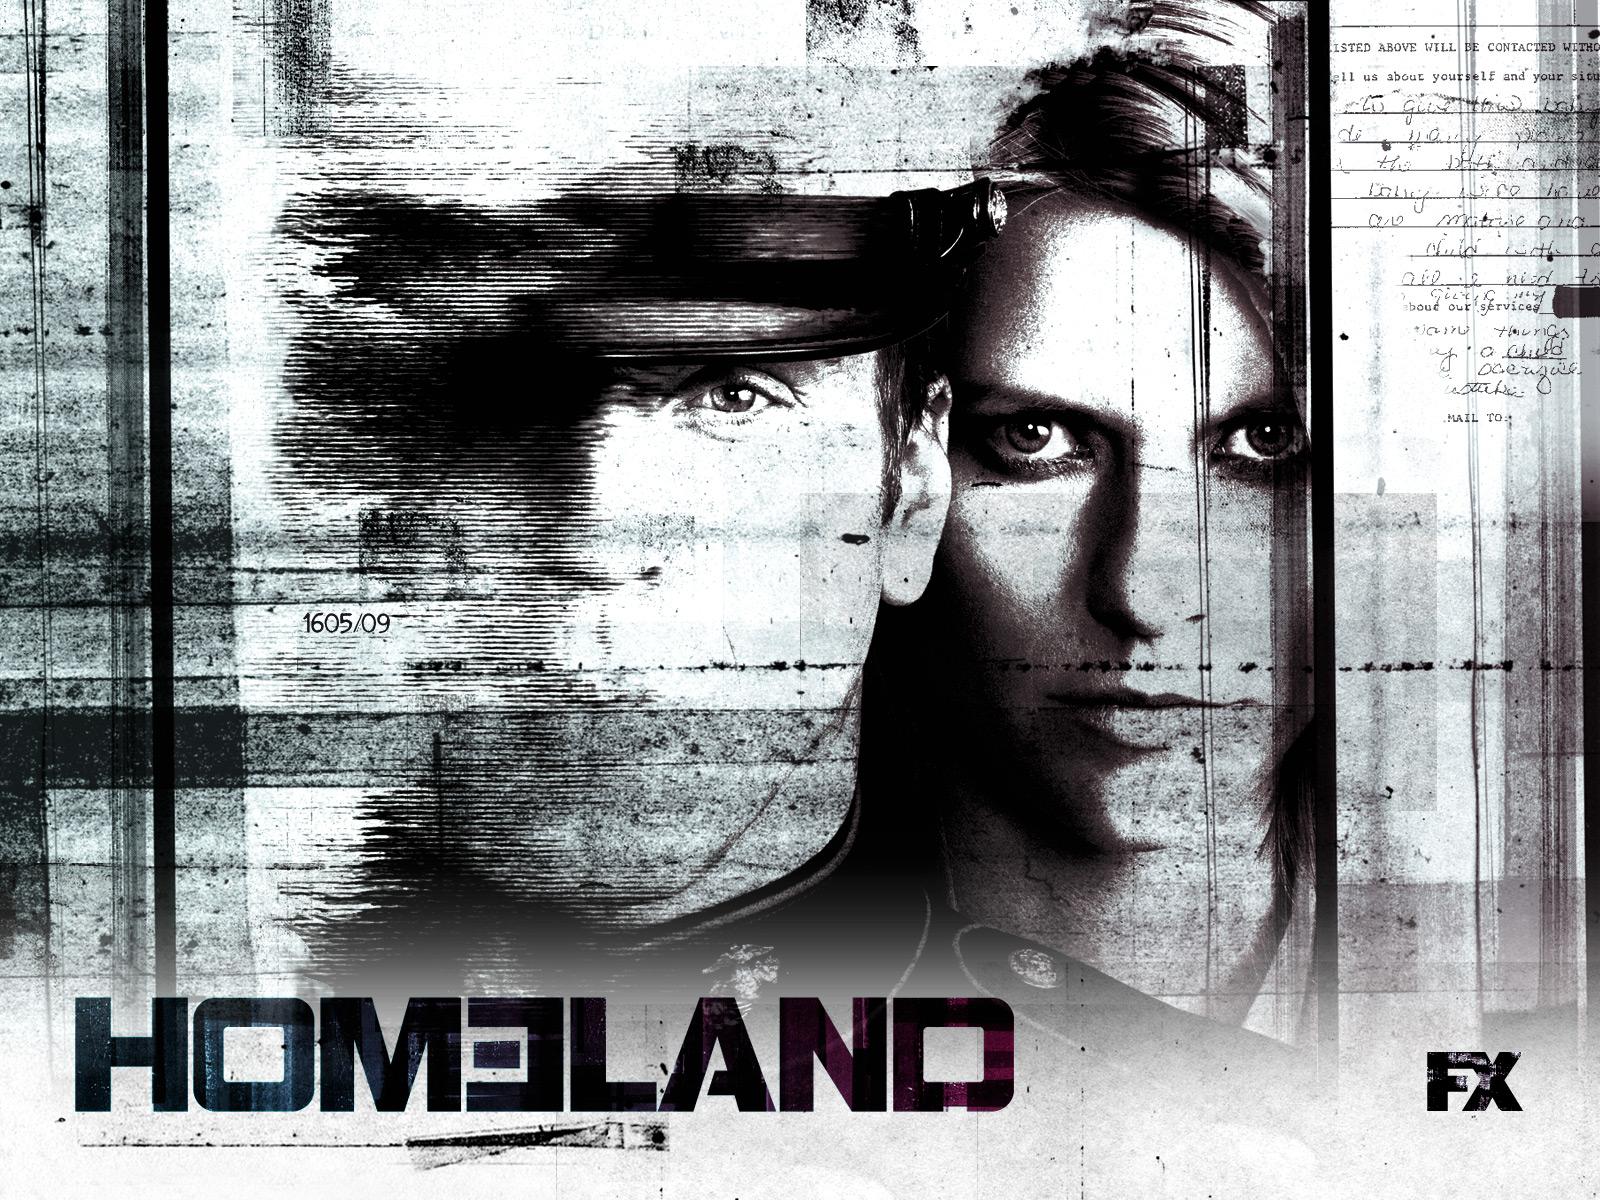 Homeland wallpaper 3